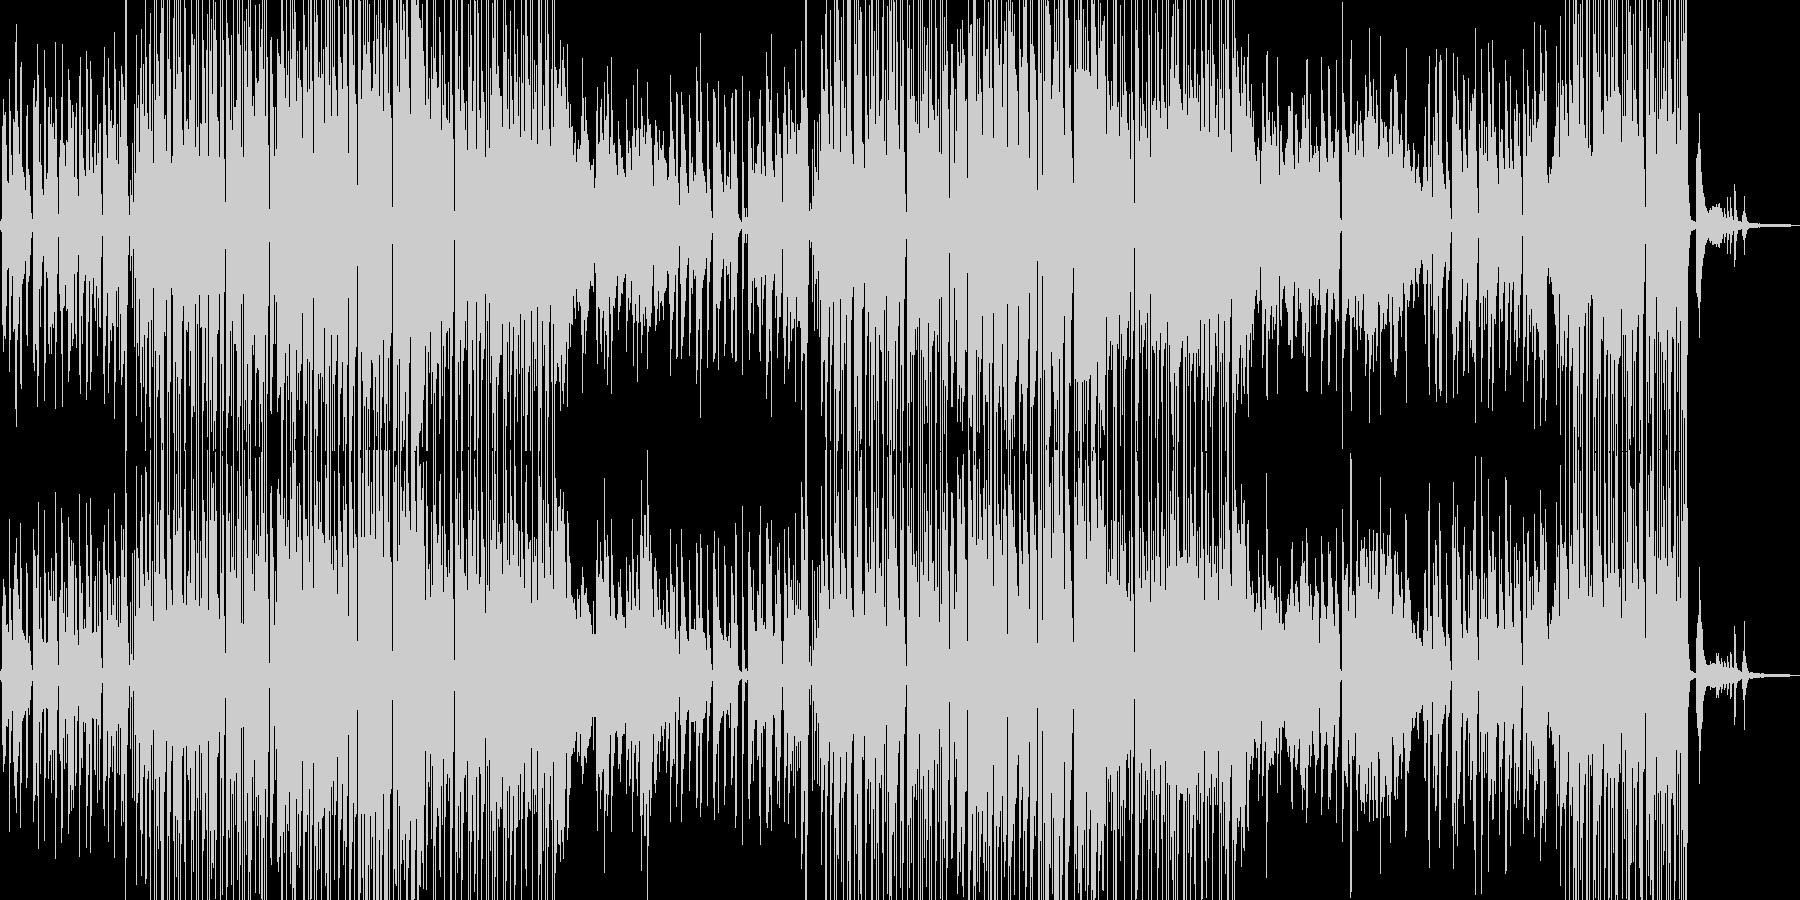 シャイな雰囲気・ほんわかしたジャズ 短尺の未再生の波形